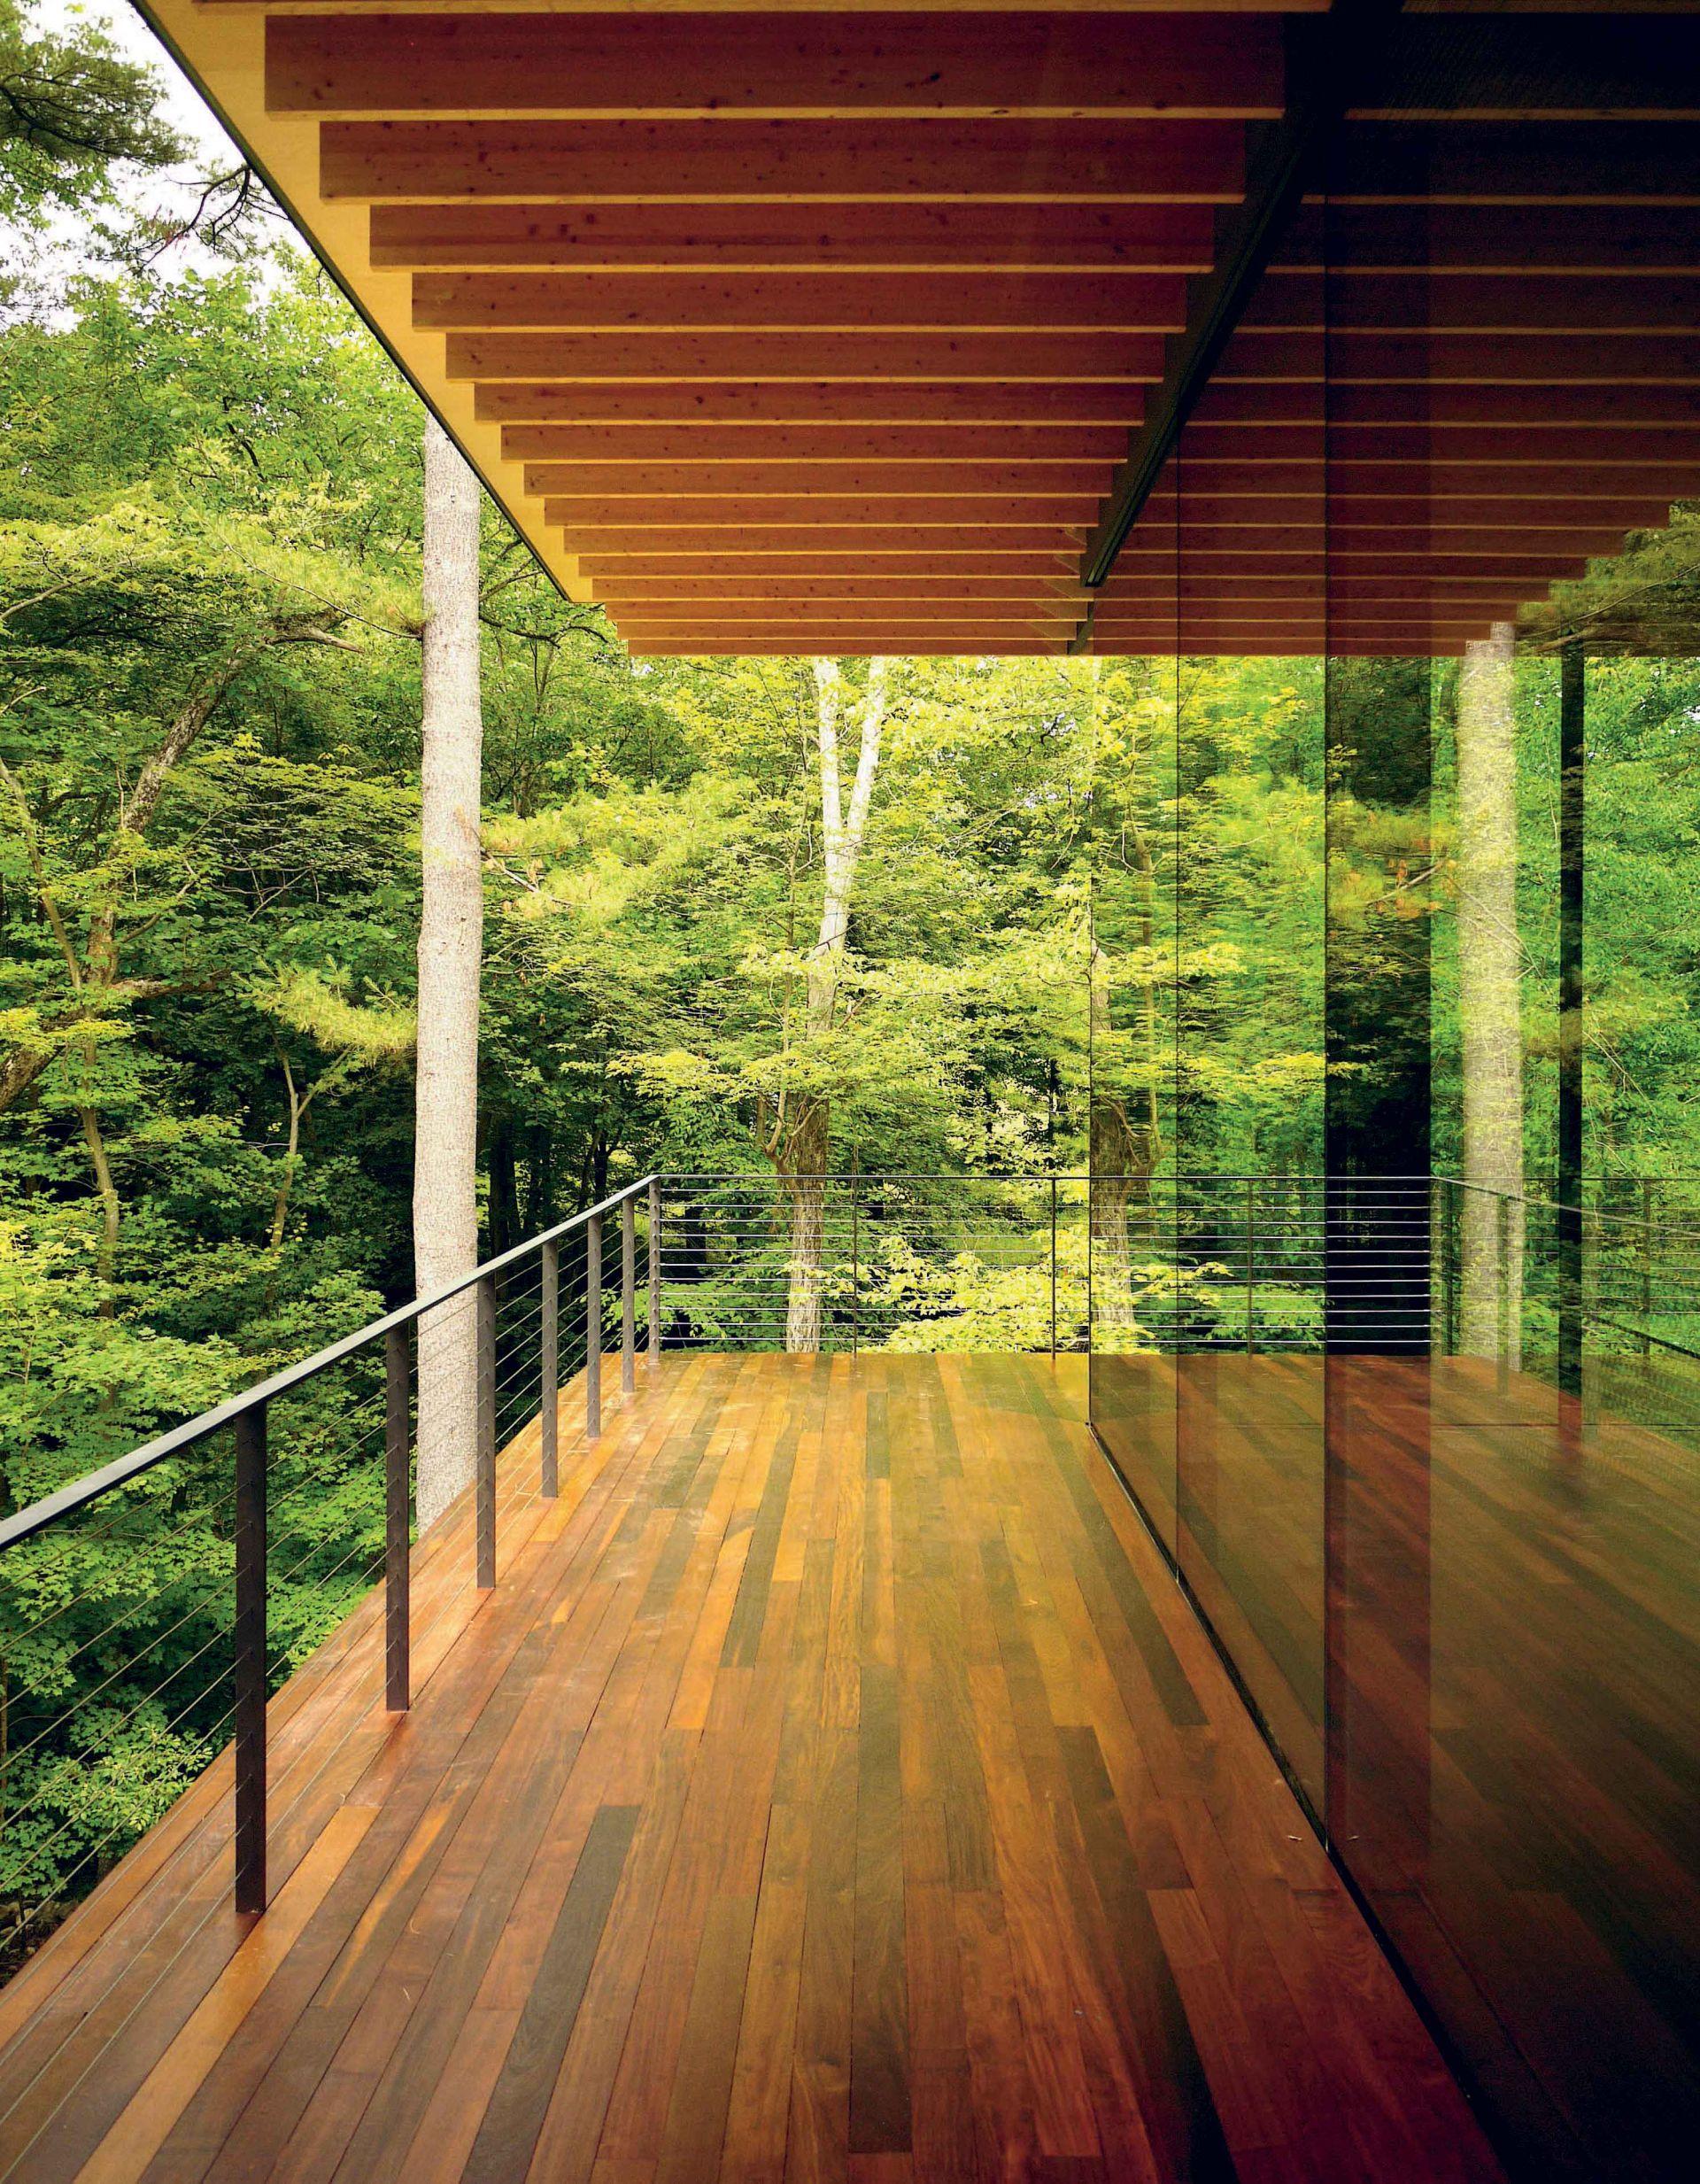 Glass/Wood House - Exterior Decking - modlar.com